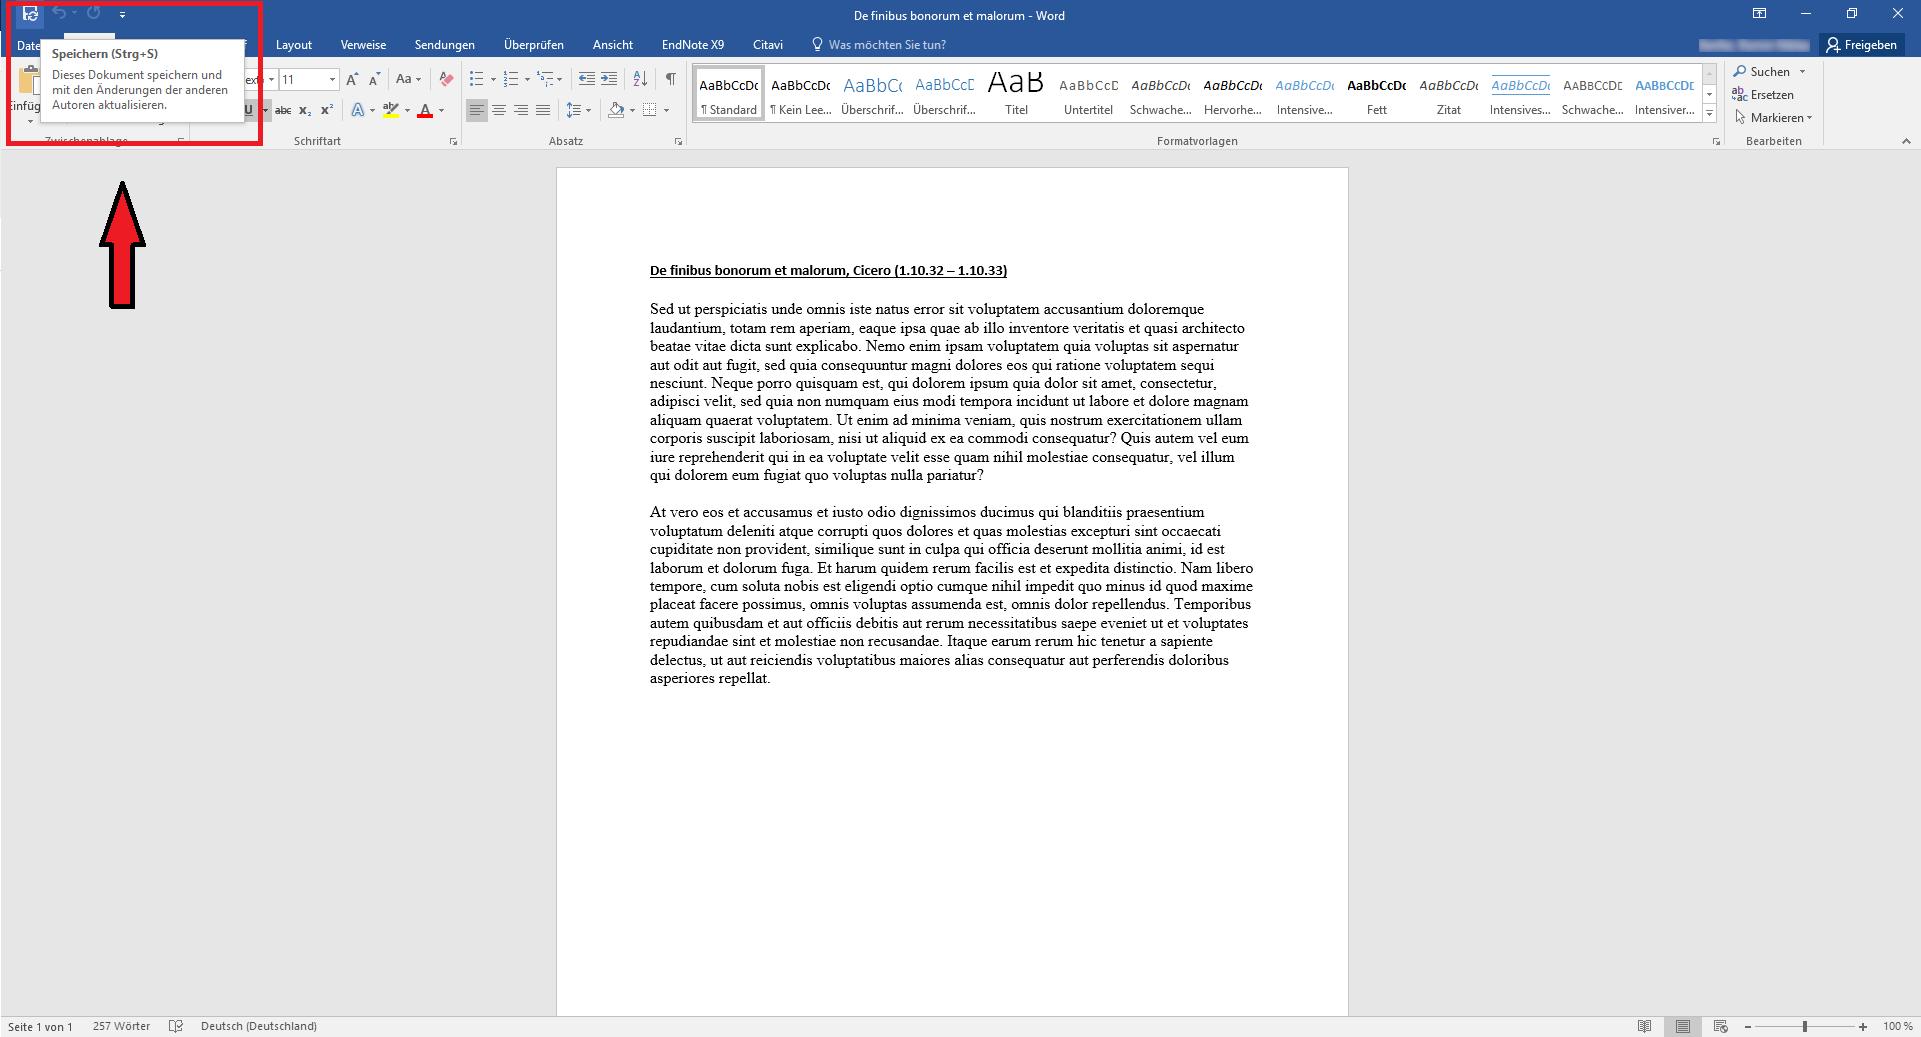 Word document synchronization